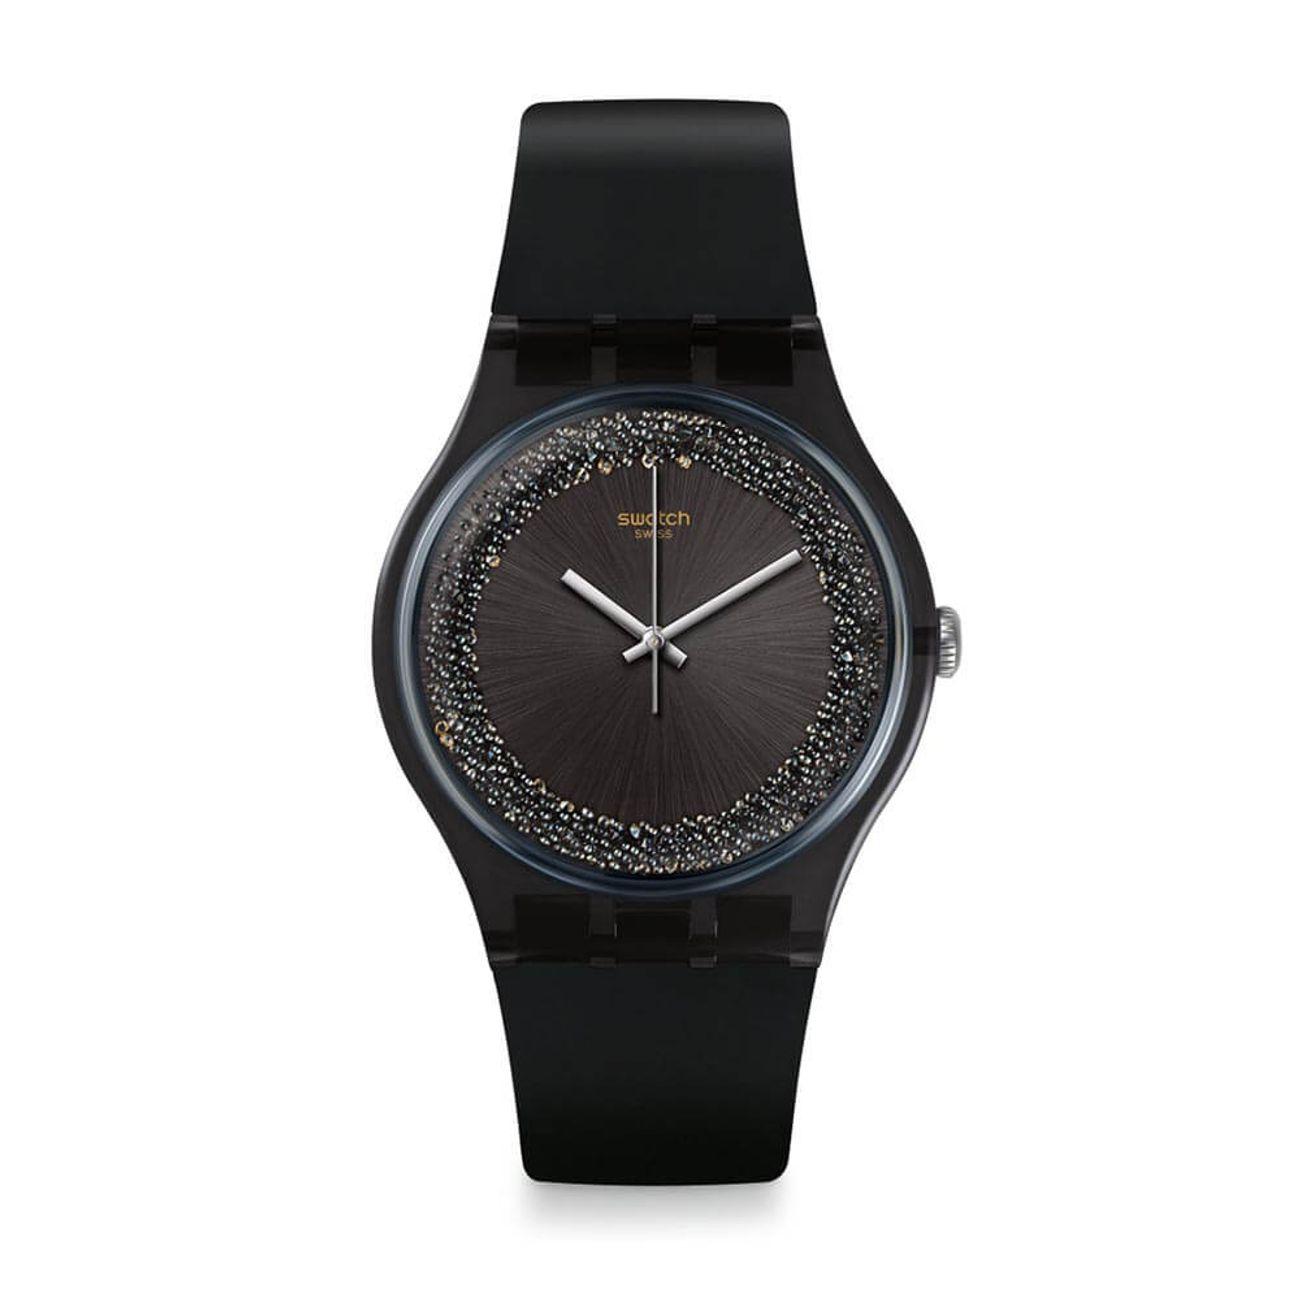 Darksparkles Swatch Reloj Style Suob156 Watch 8nXO0wPk